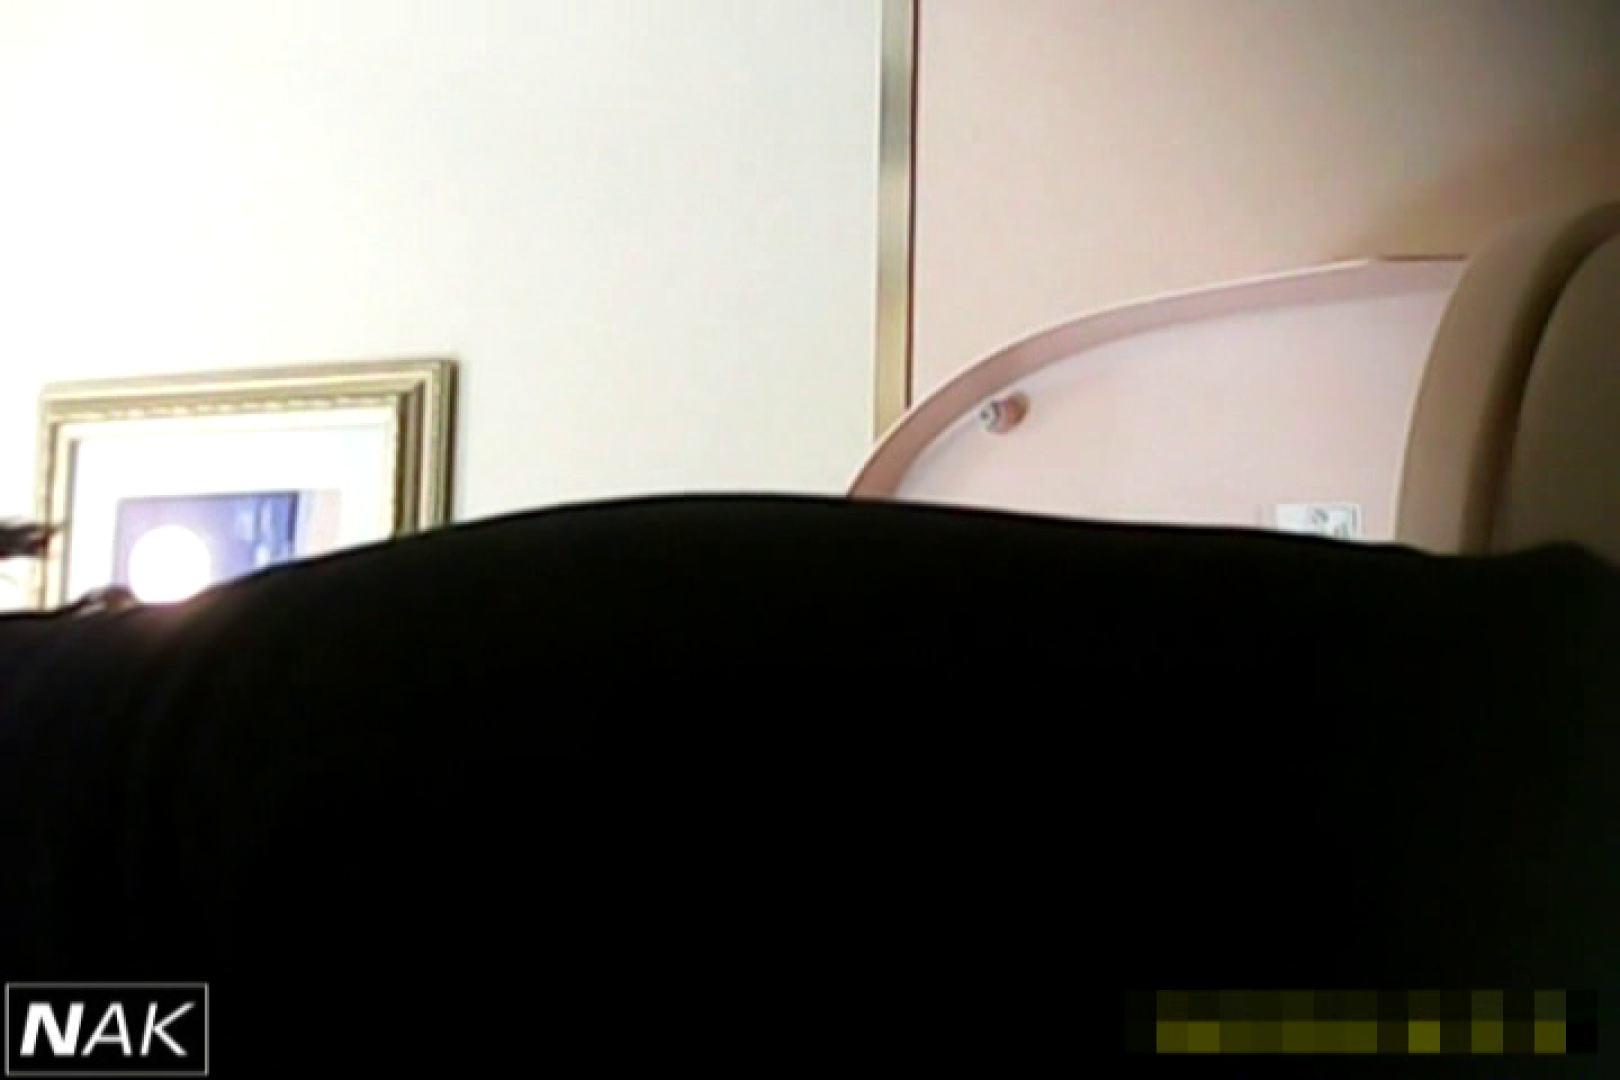 超高画質5000K!脅威の1点集中かわや! vol.02 マンコ・ムレムレ 戯れ無修正画像 92pic 51